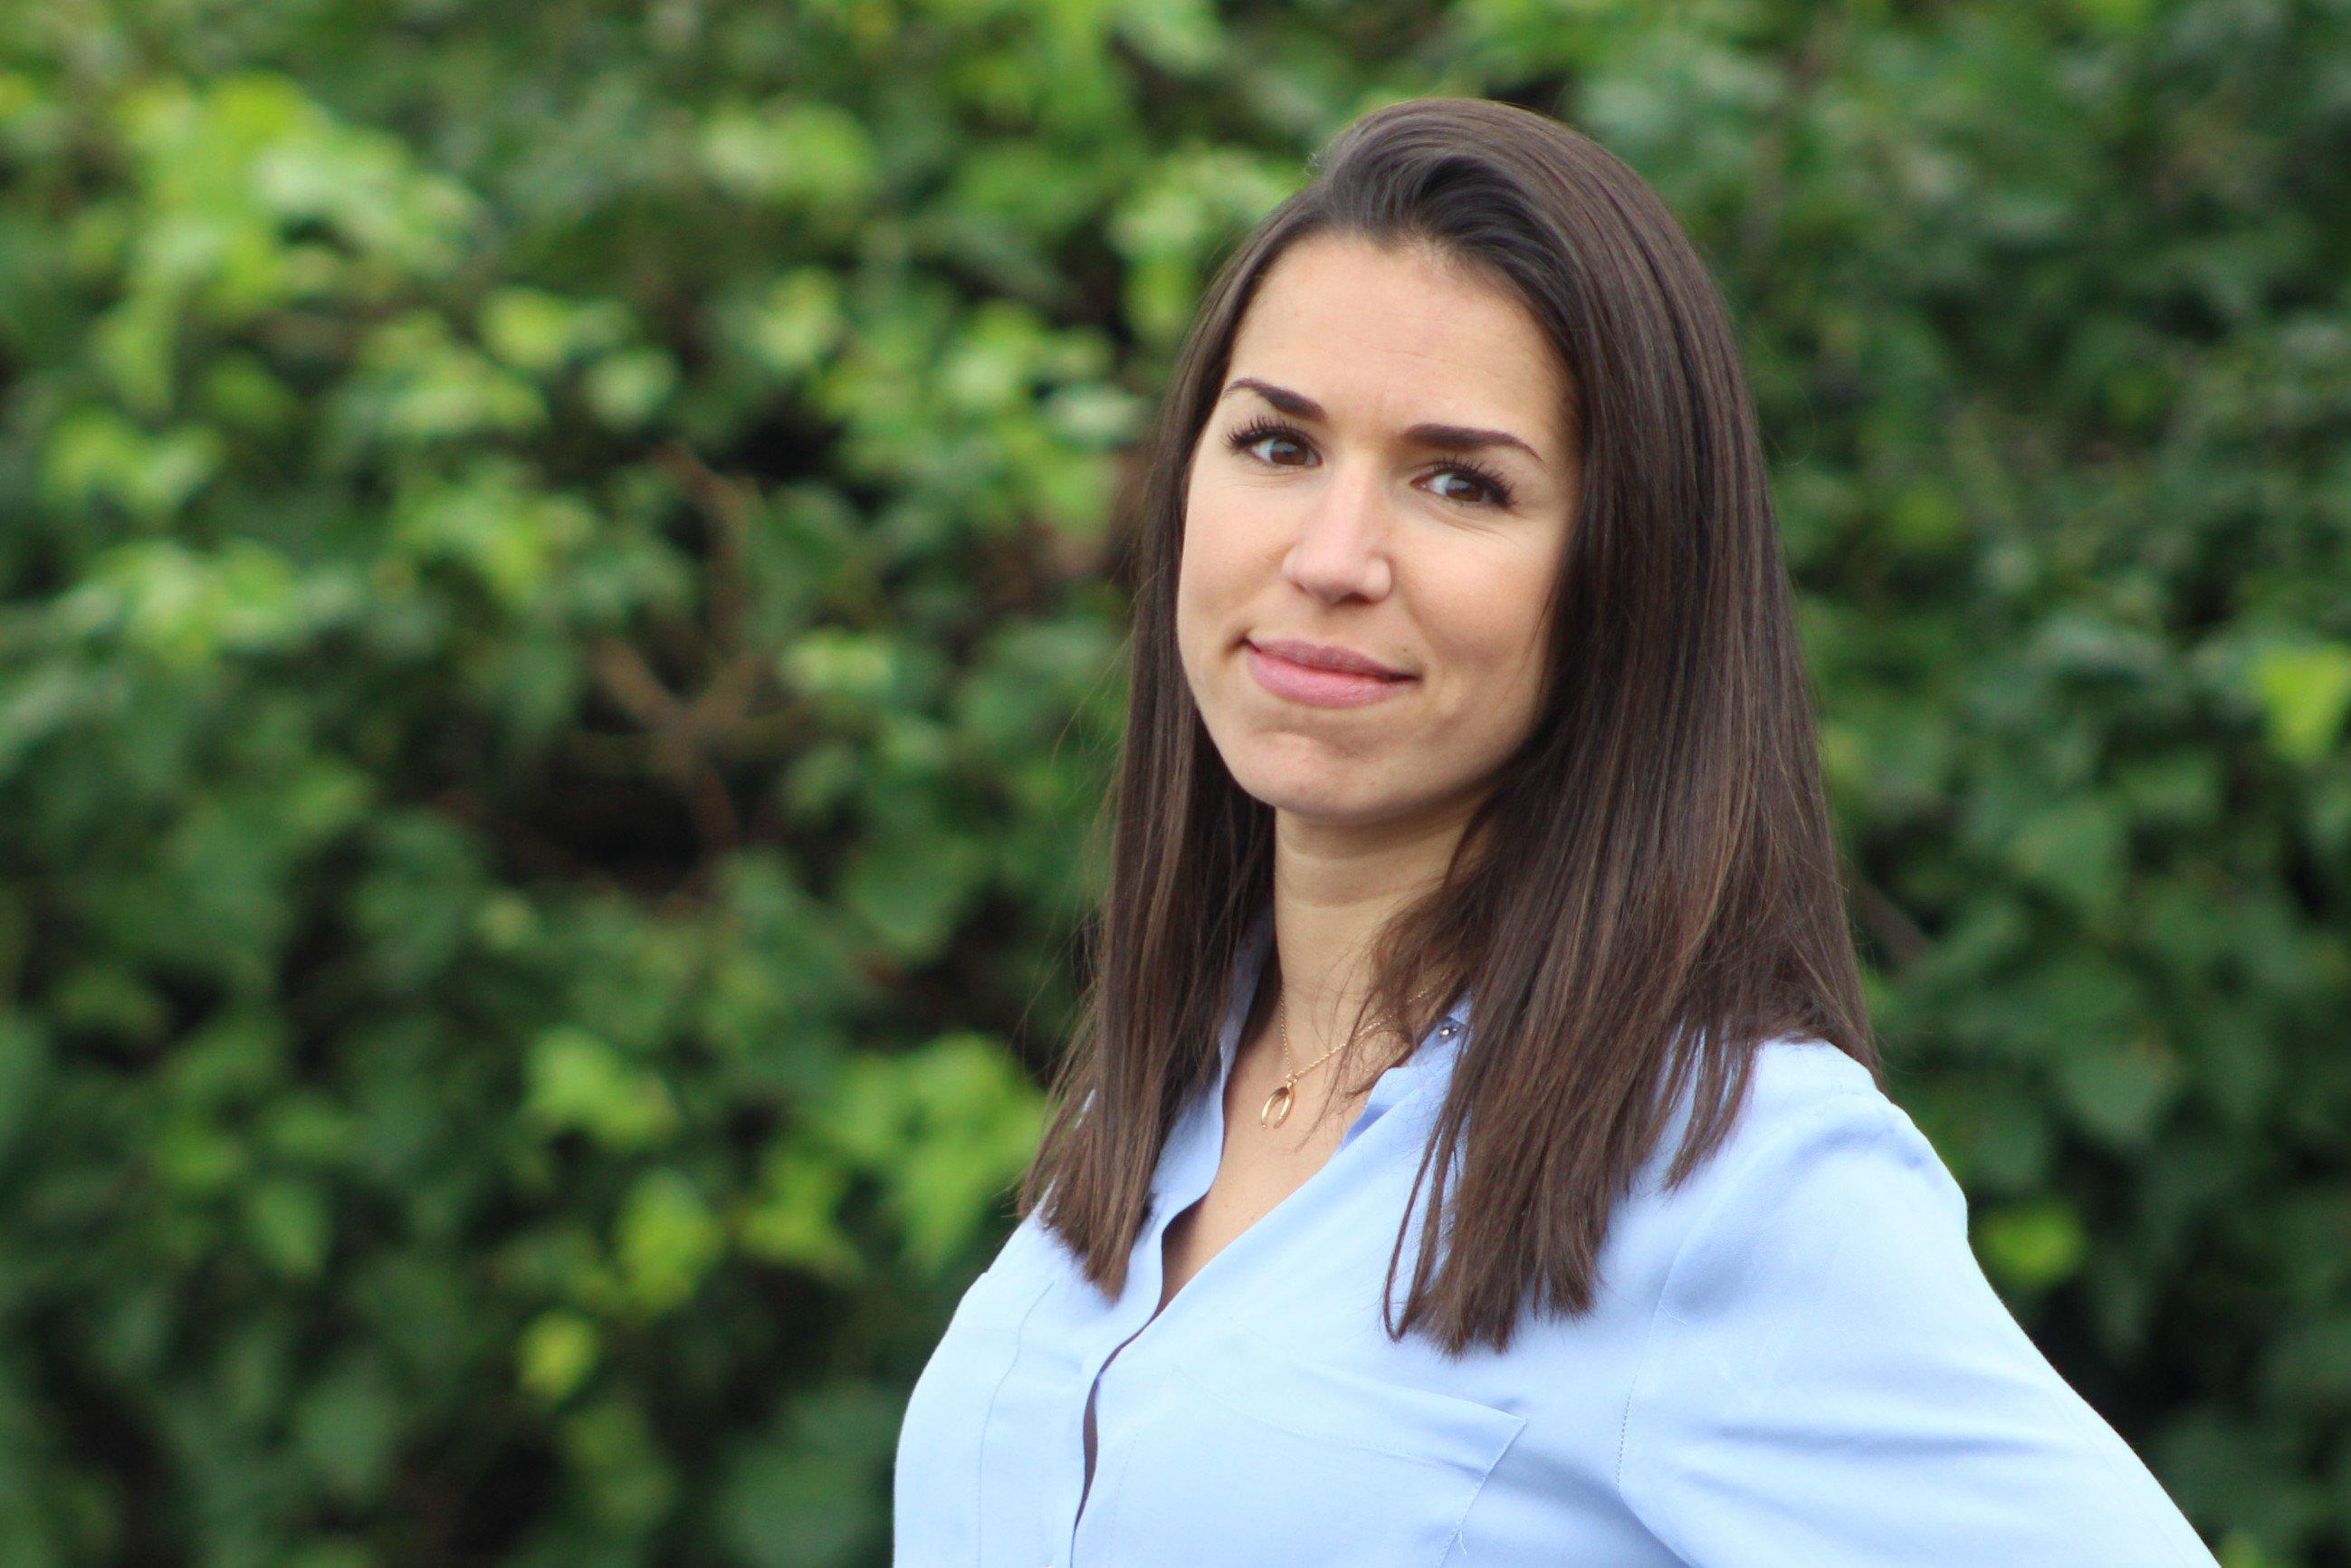 Raquel Casado Ramirez